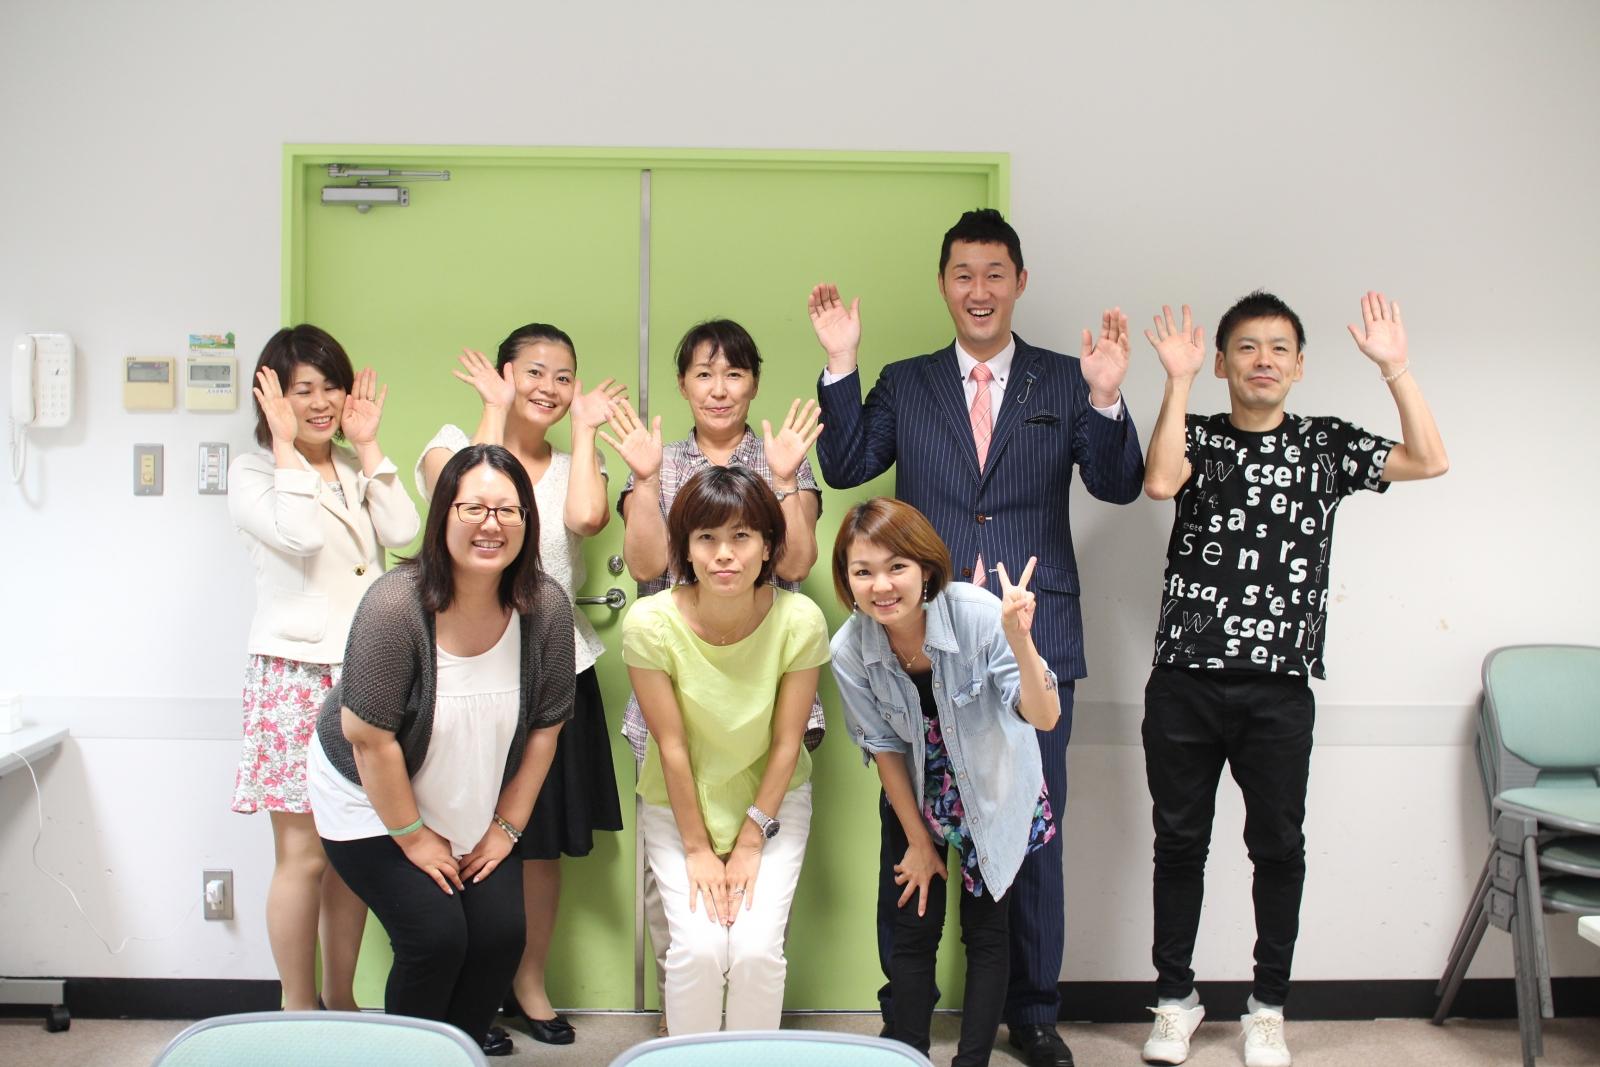 沖縄 ホームページ セミナー